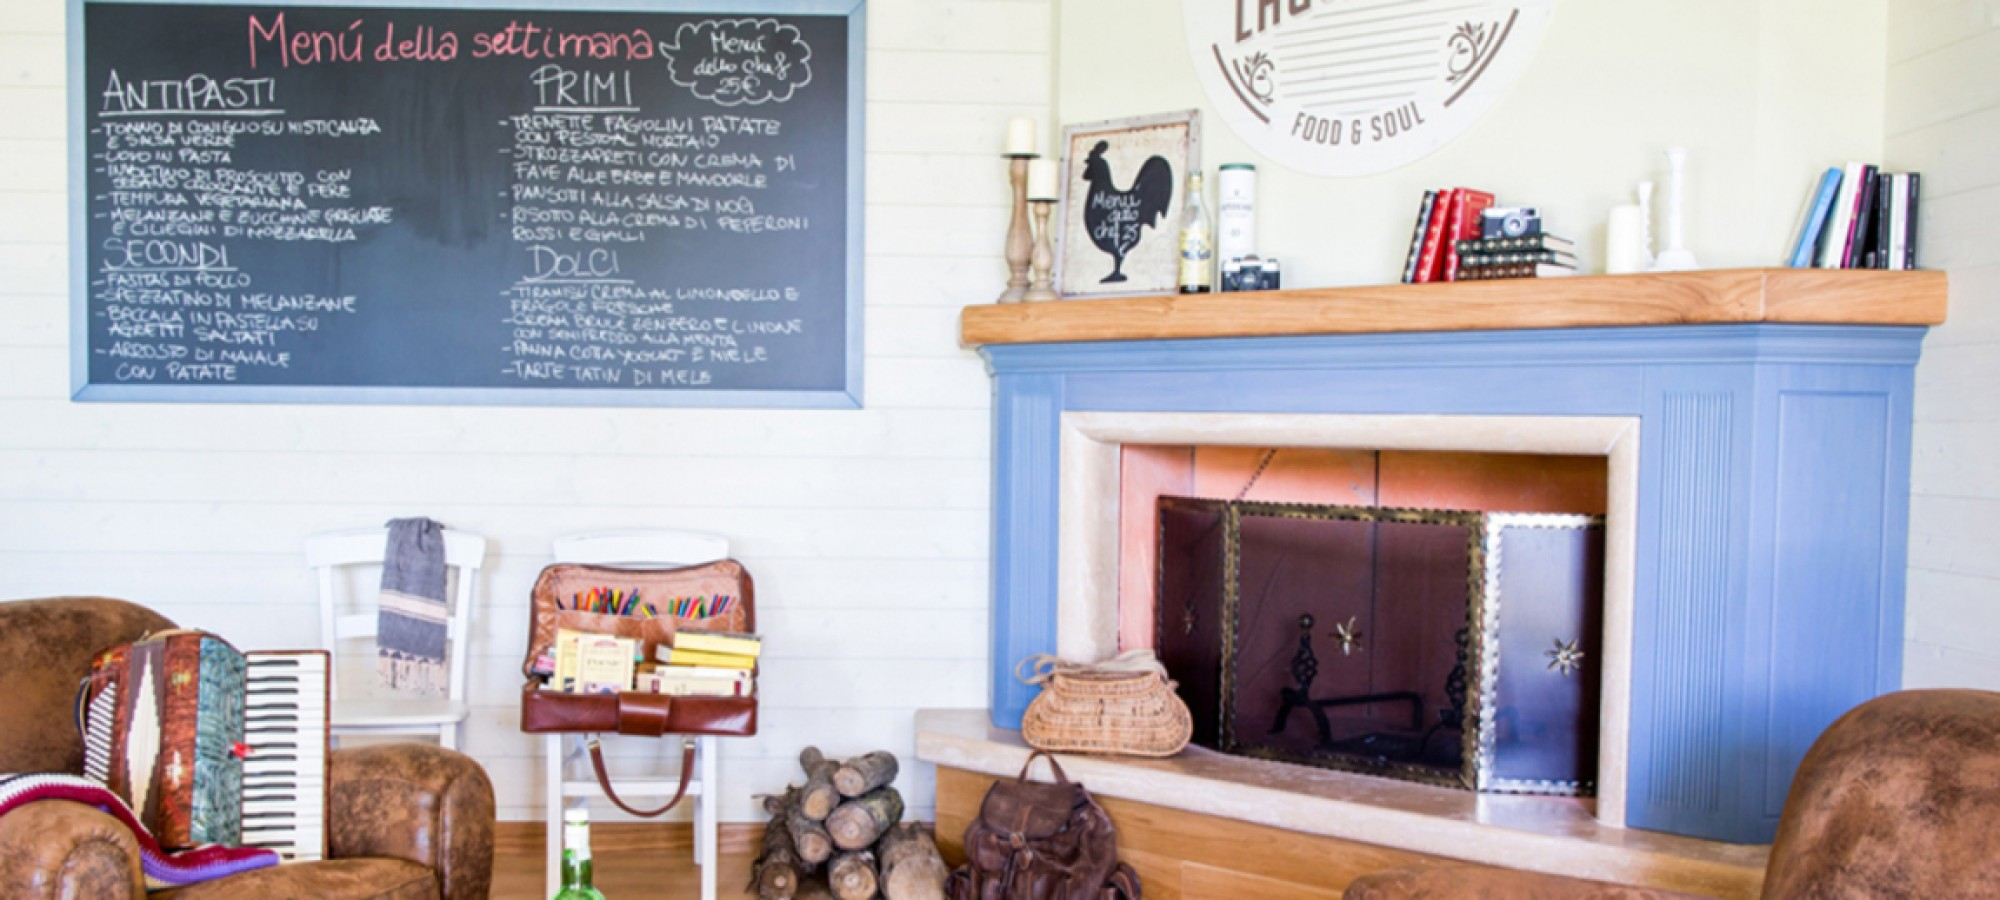 Gli interni dell'osteria - Lago di Oz - Food & Soul